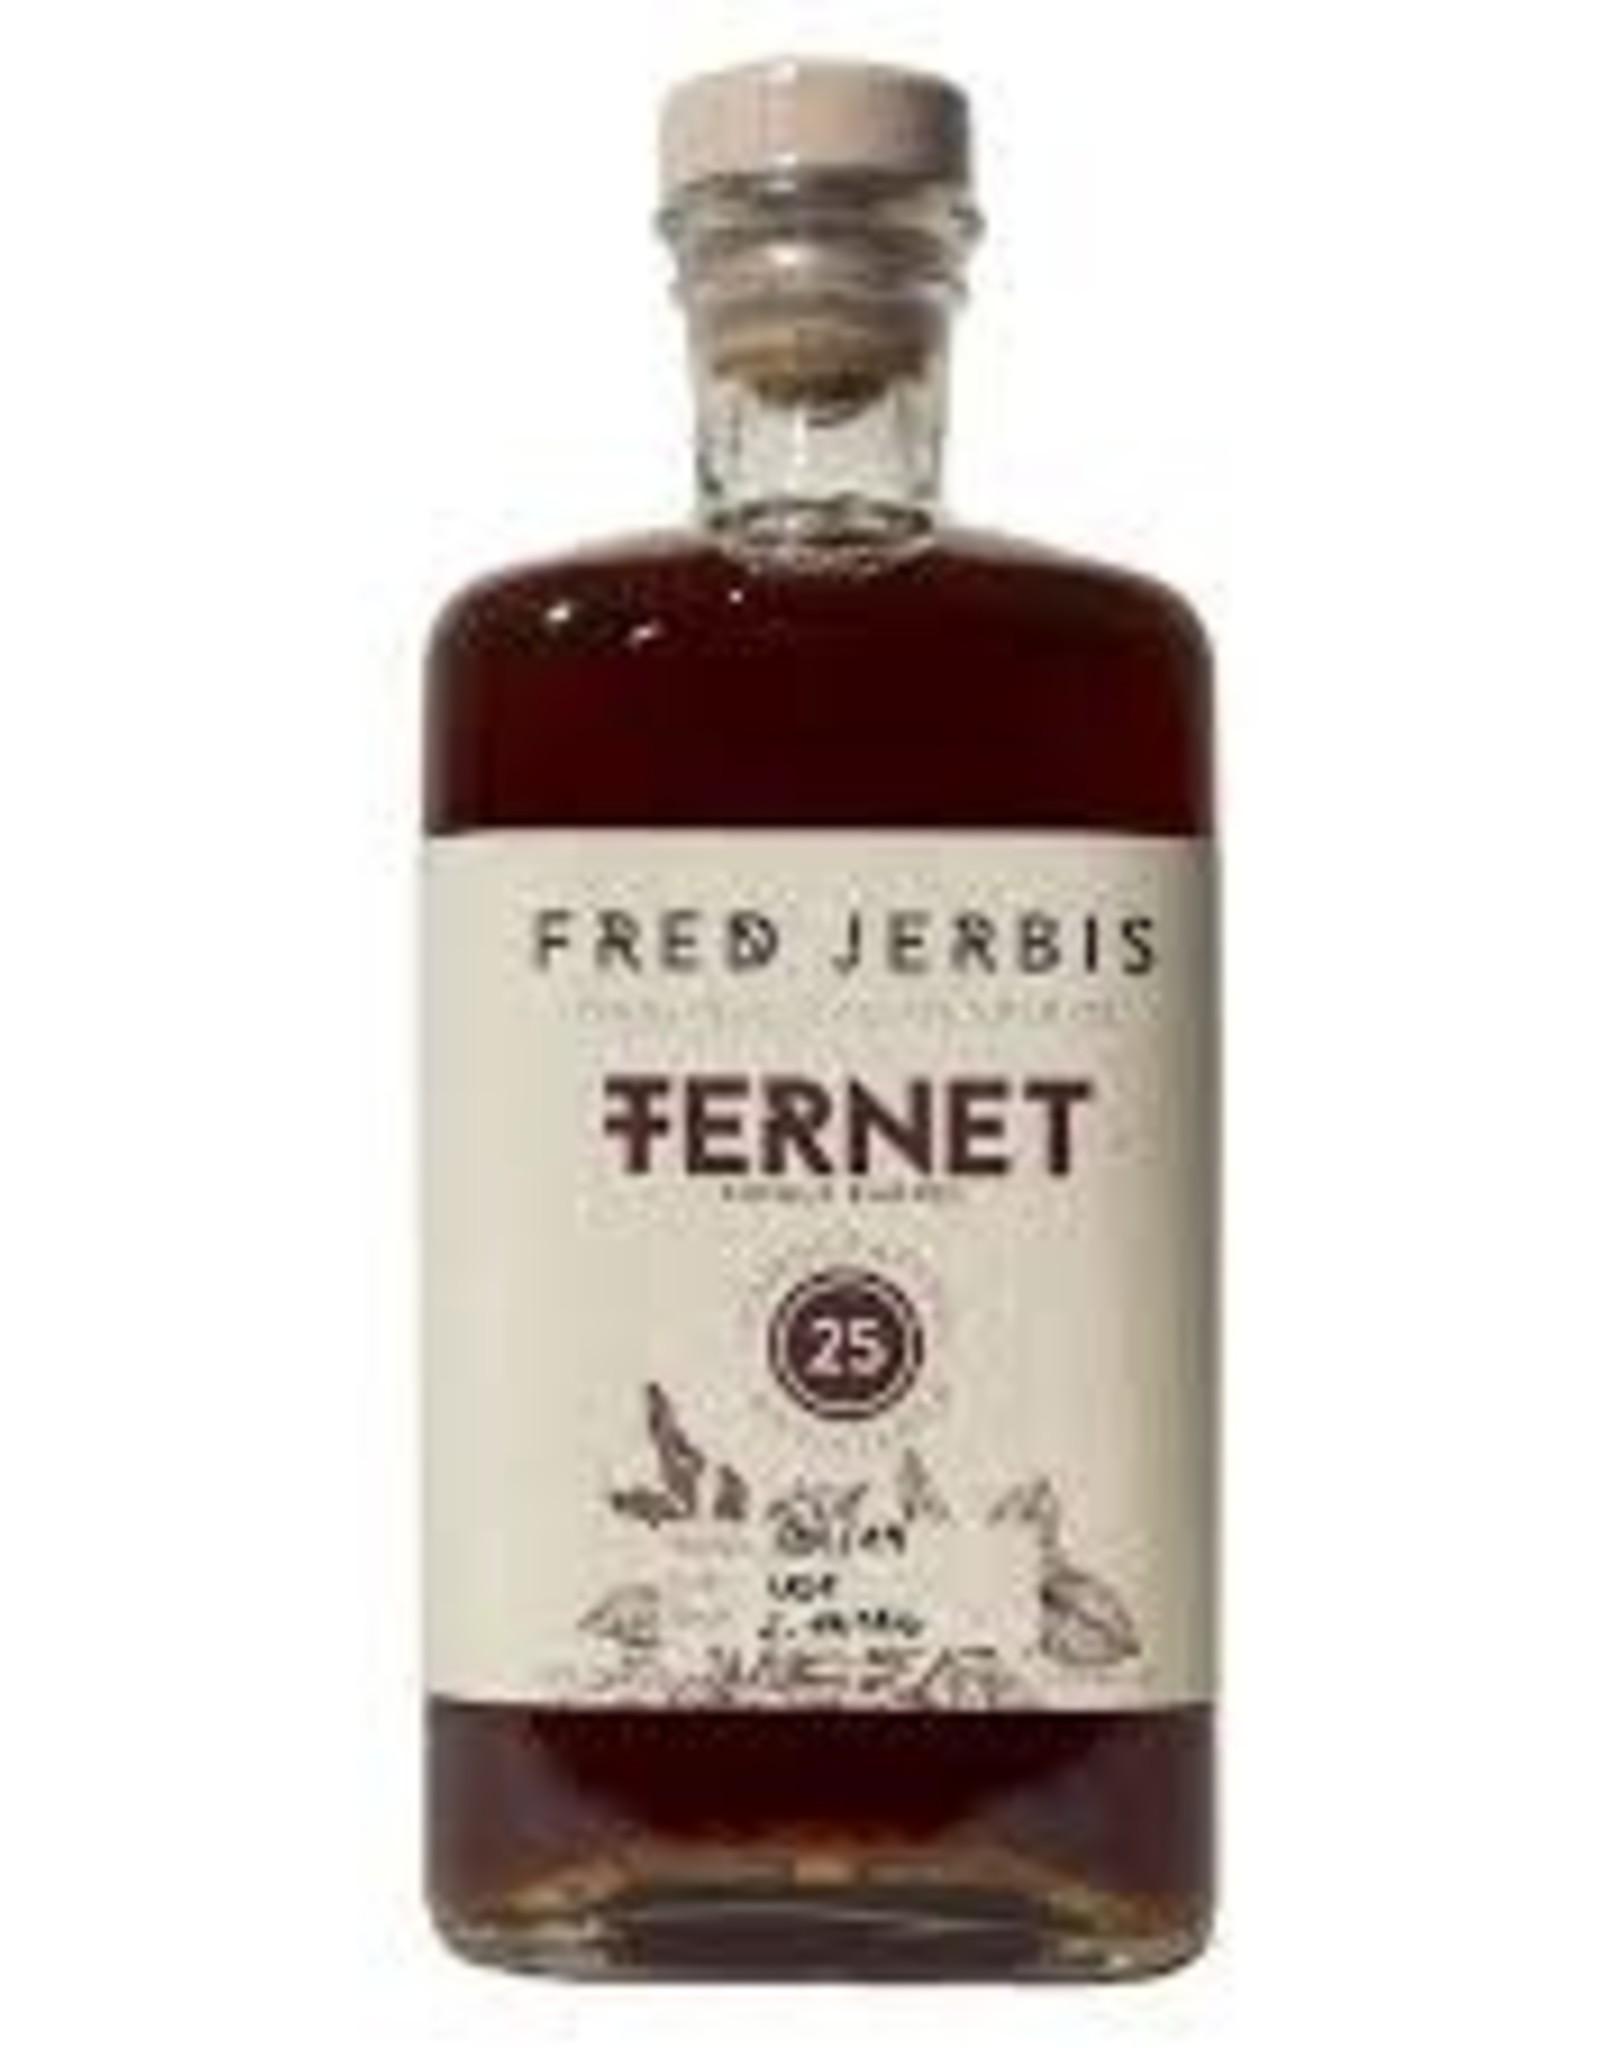 Spirits Fernet 25, Fred Jerbis